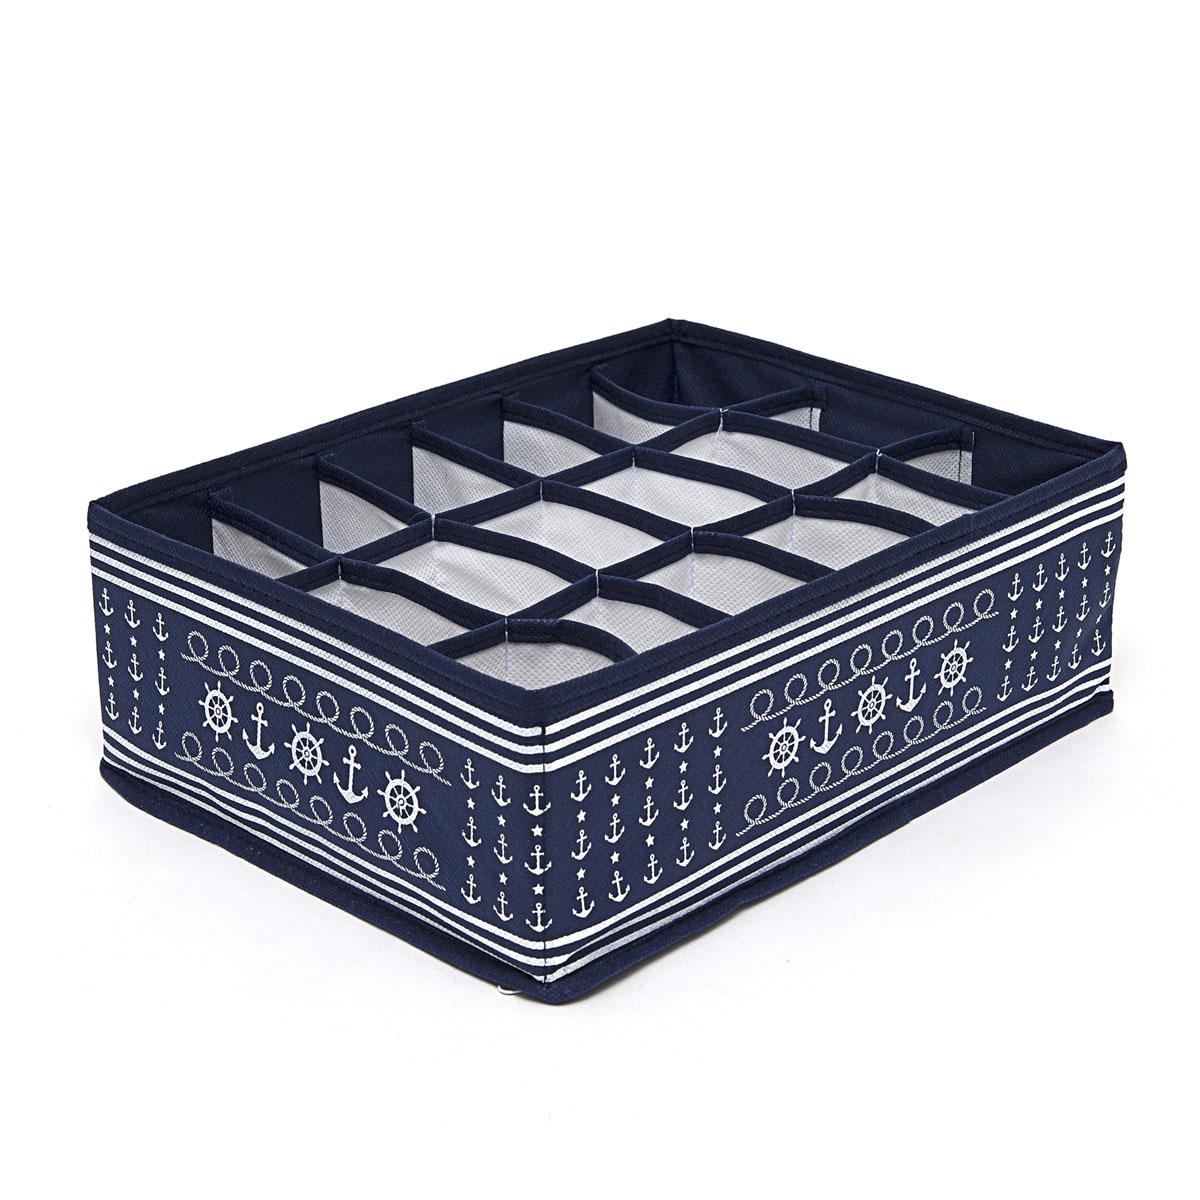 Органайзер для хранения вещей Homsu Ocean, 18 секций, 31 х 24 х 11 см12723Компактный складной органайзер Homsu Ocean изготовлен из высококачественного полиэстера, который обеспечивает естественную вентиляцию. Материал позволяет воздуху свободно проникать внутрь, но не пропускает пыль. Органайзер отлично держит форму, благодаря вставкам из плотного картона. Изделие имеет 18 квадратных секций для хранения нижнего белья, колготок, носков и другой одежды.Такой органайзер позволит вам хранить вещи компактно и удобно.